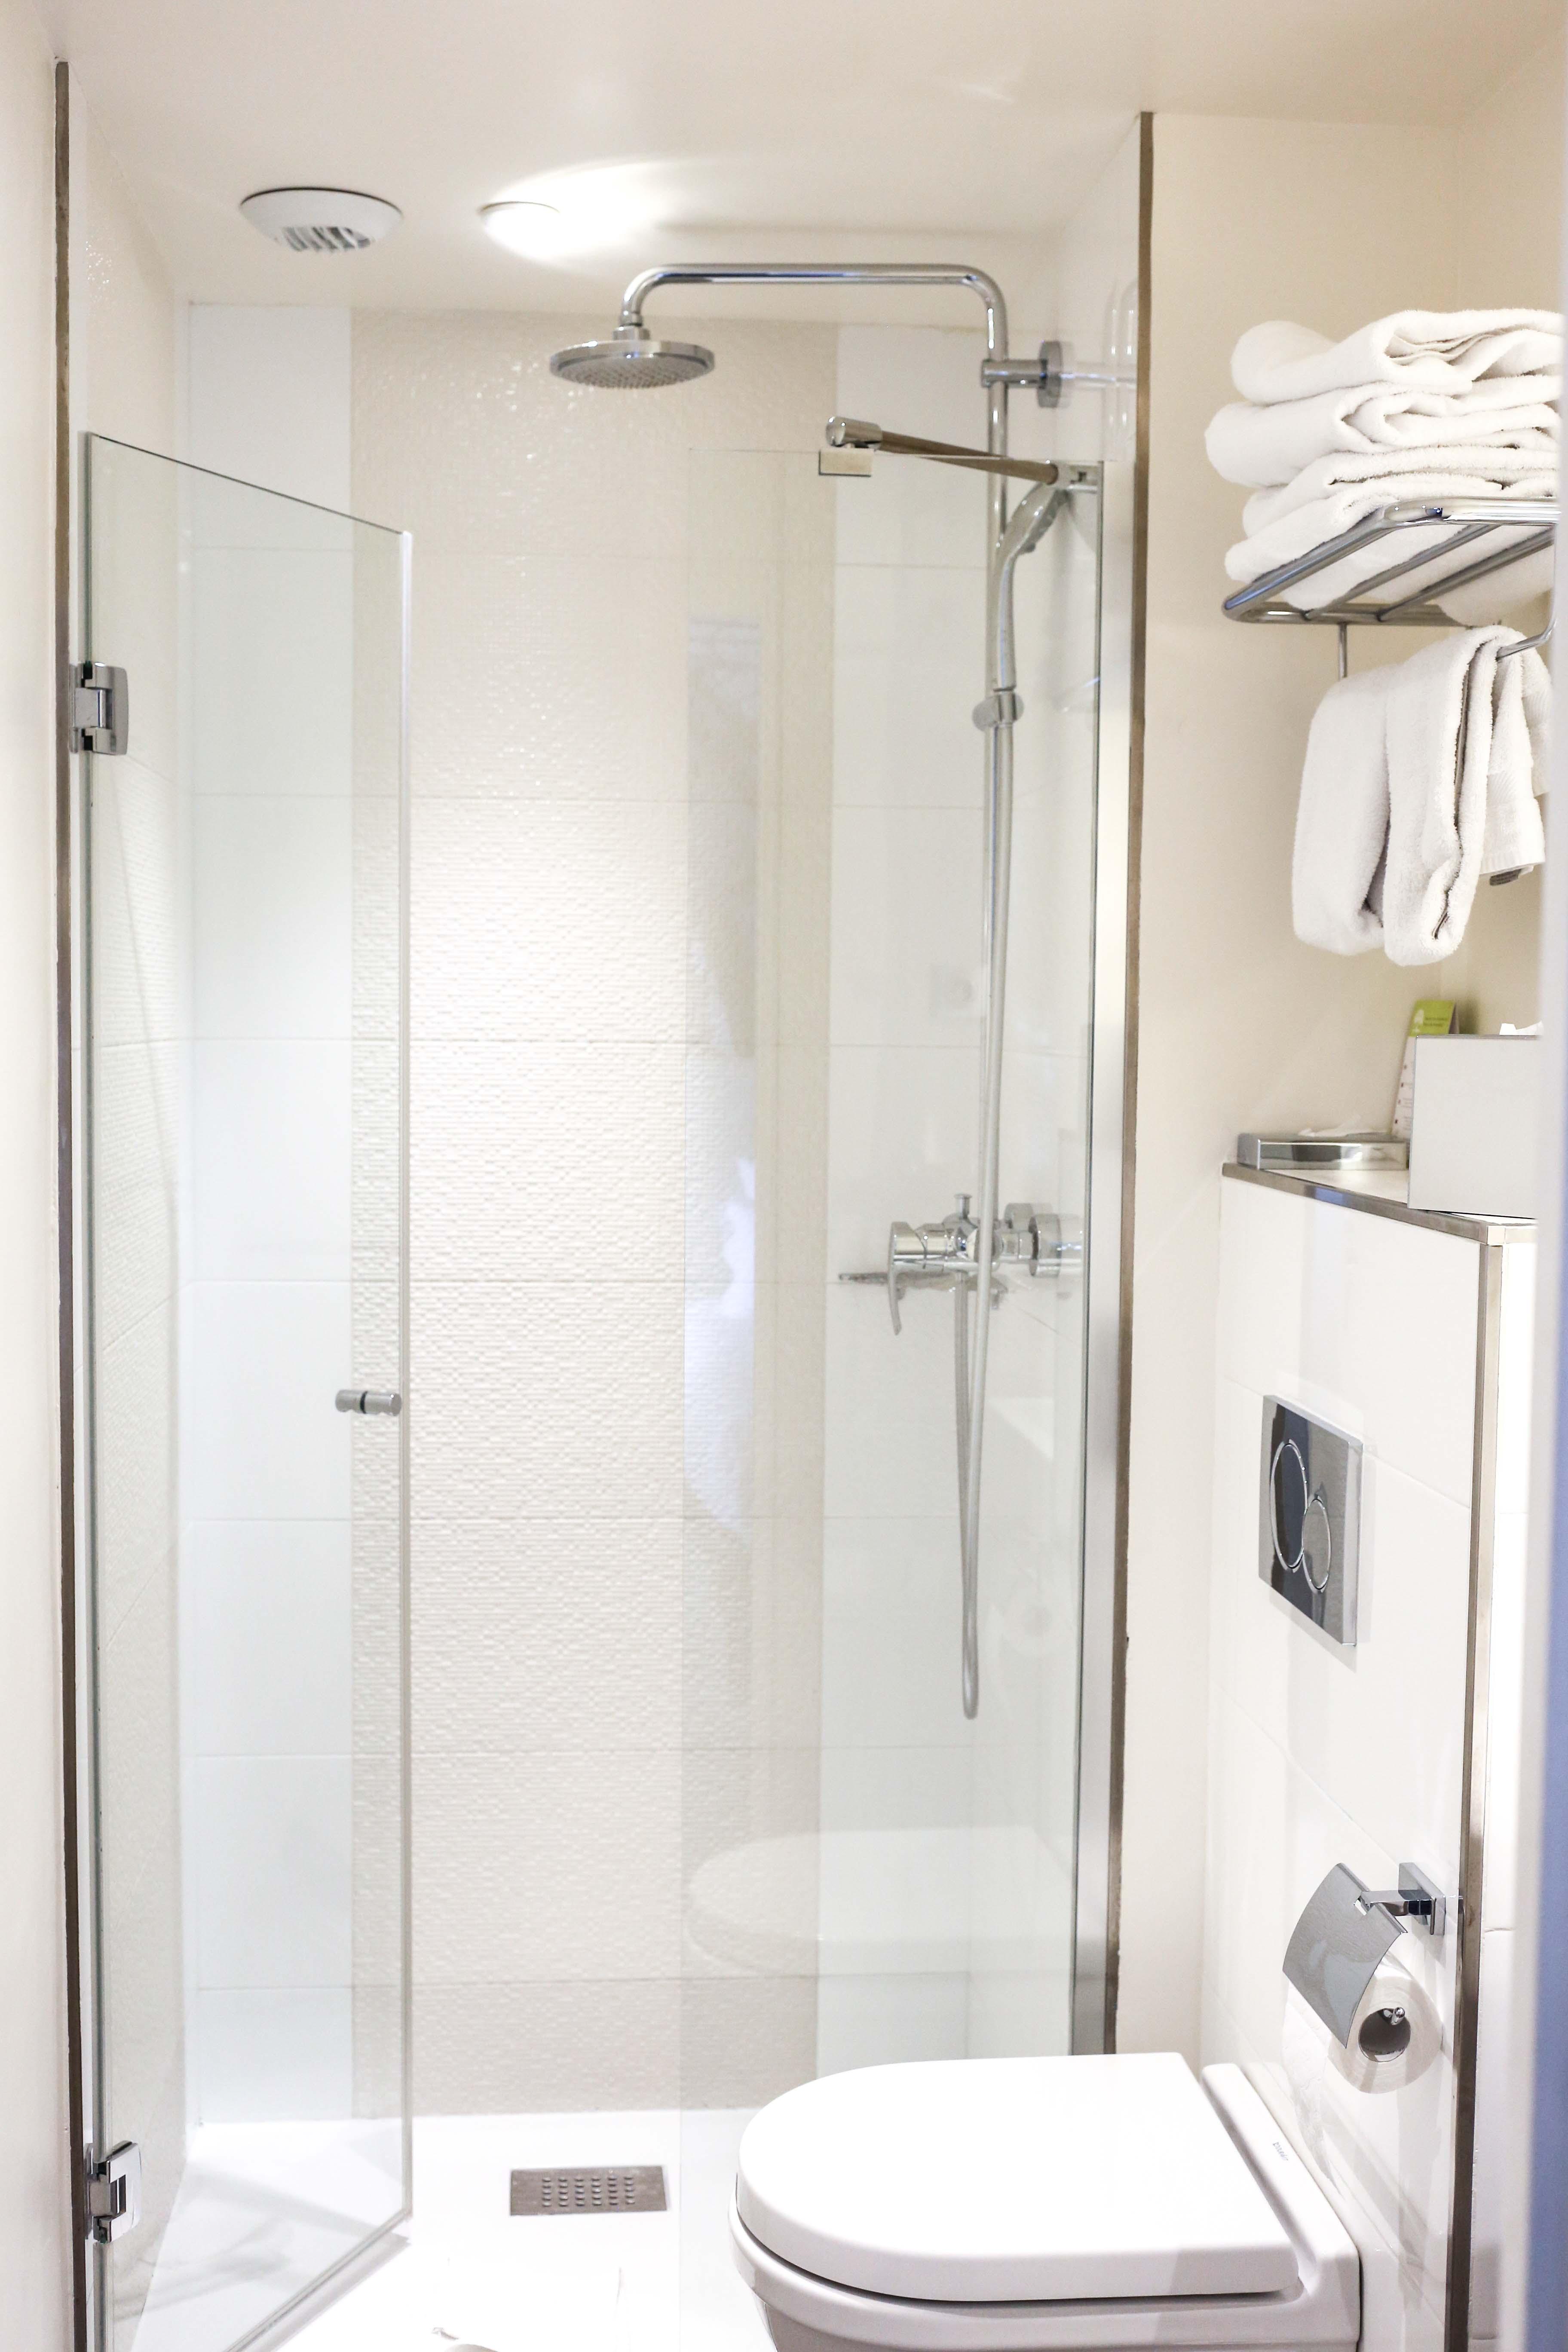 hotel-gustave-4-sterne-hotel-paris-eiffelturm-lage-erfahrung-bericht-reiseblog-travelblog_0643